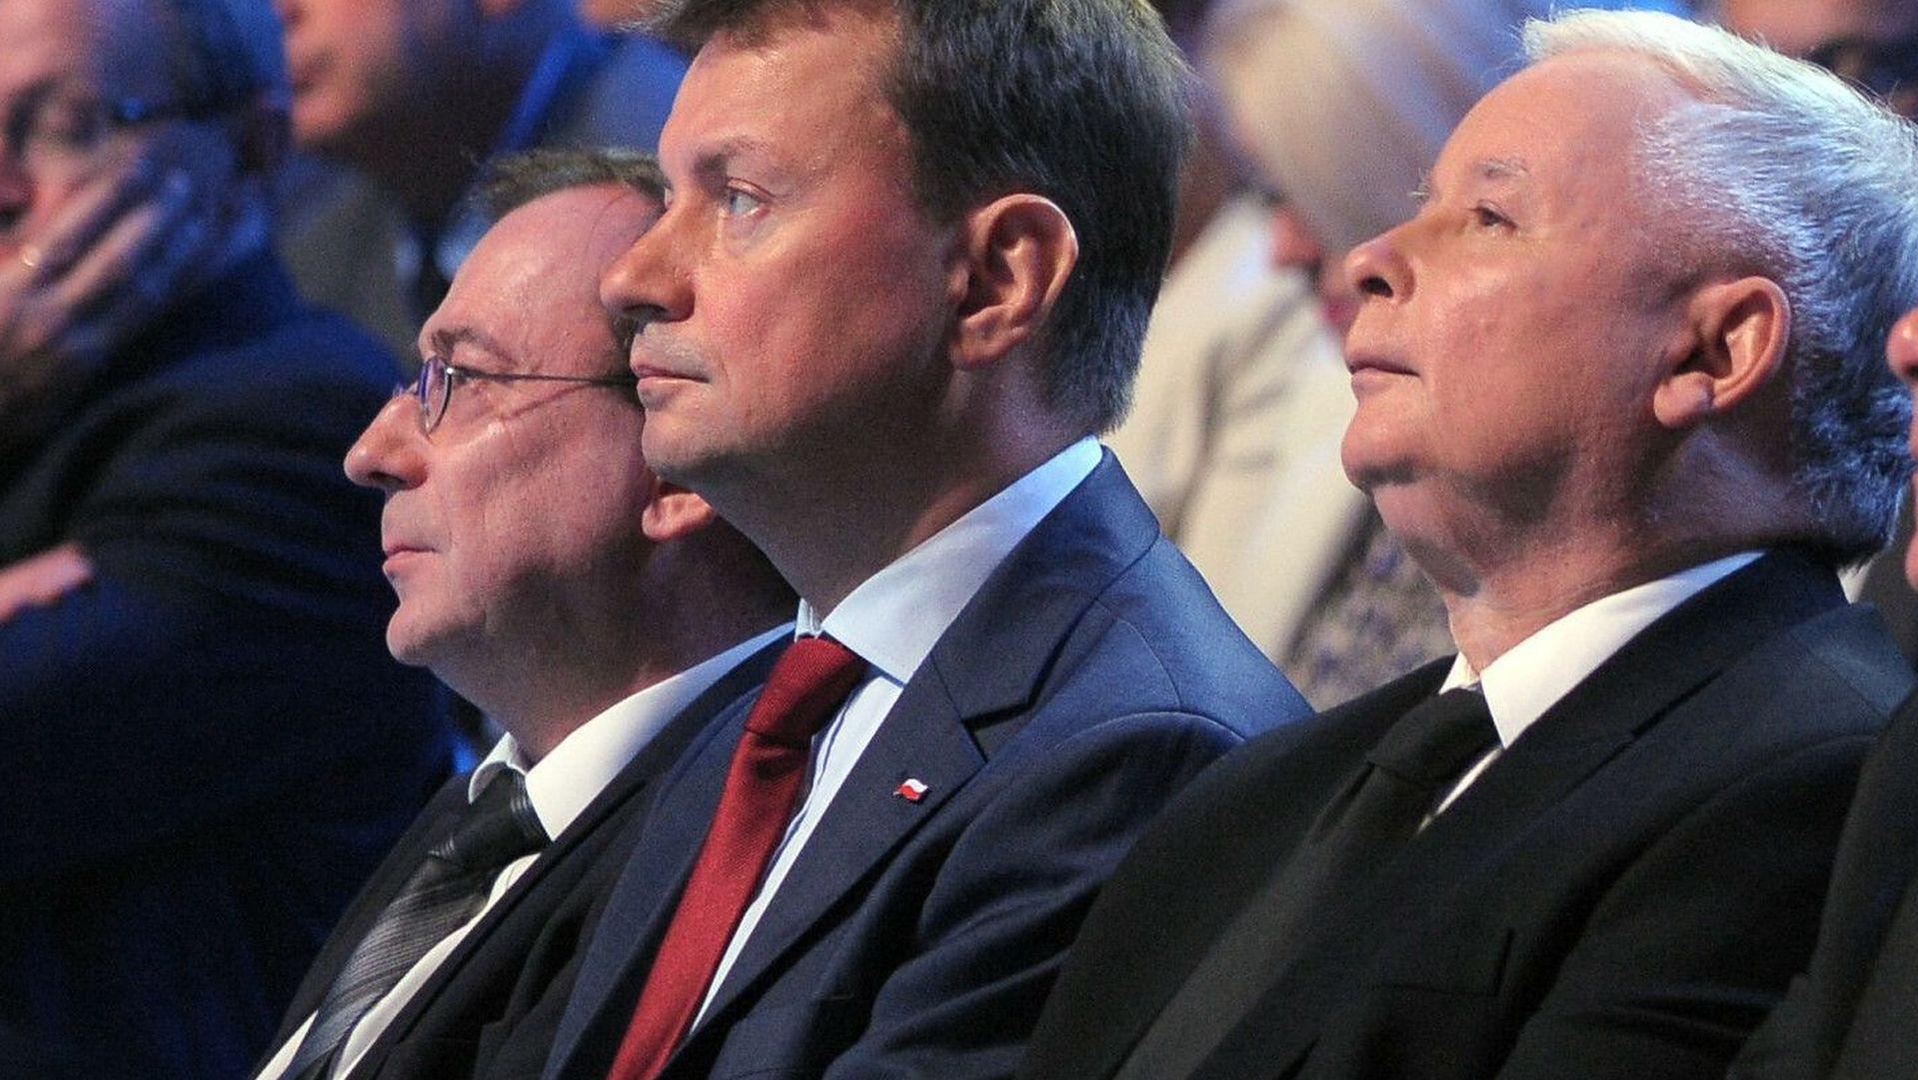 Mariusze PiS, czyli pretorianie prezesa Kaczyńskiego